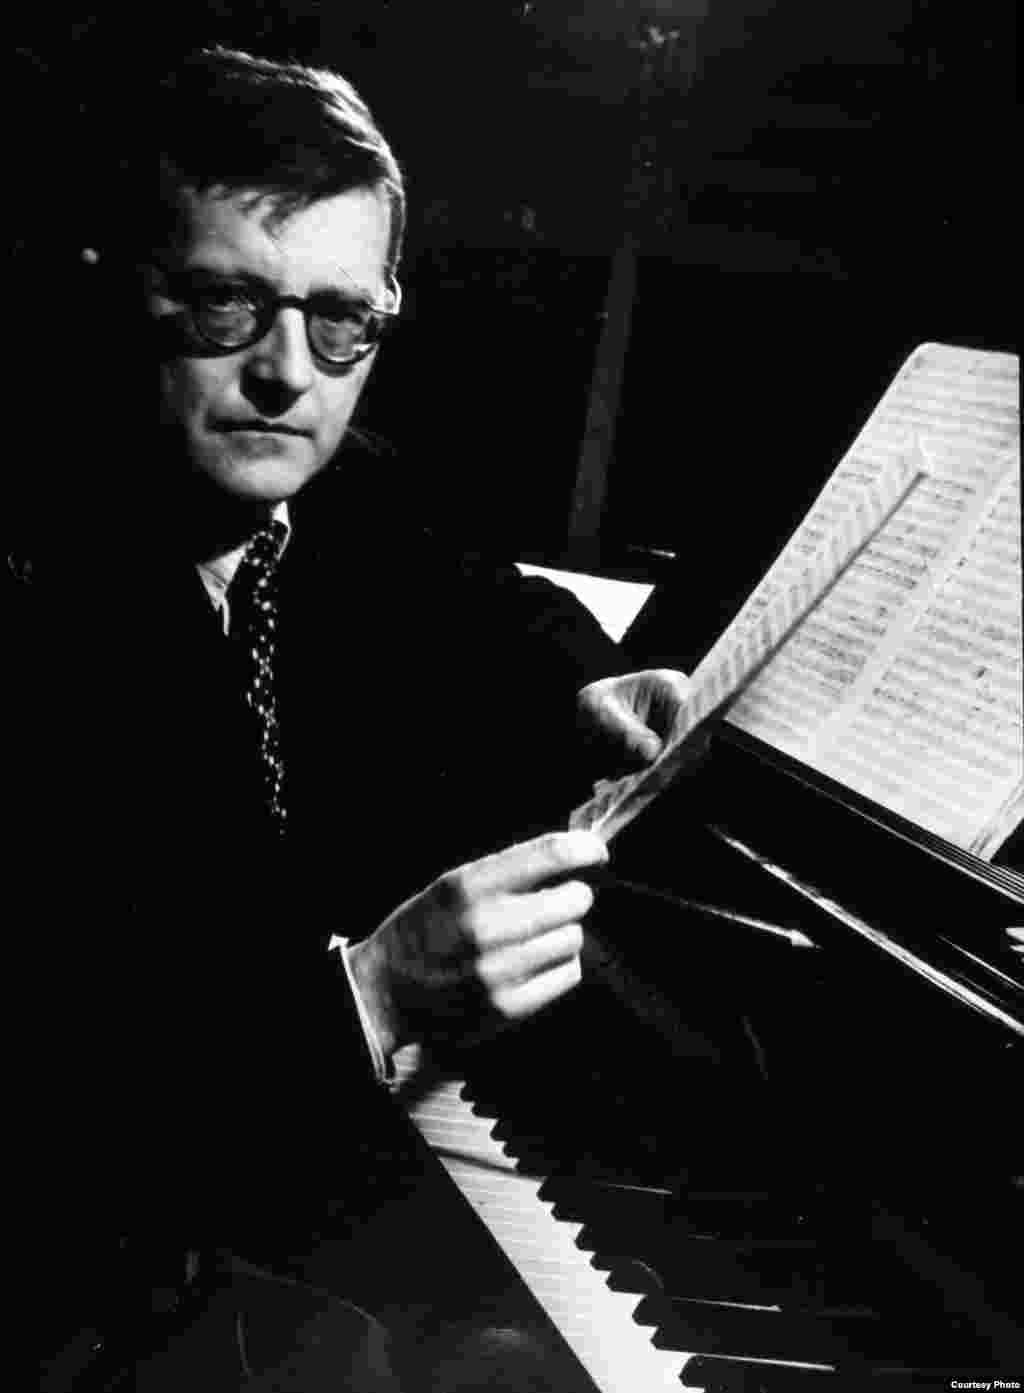 Дмитрий Шостакович форпепианода уйный. Мәскәү, 1957 ел.